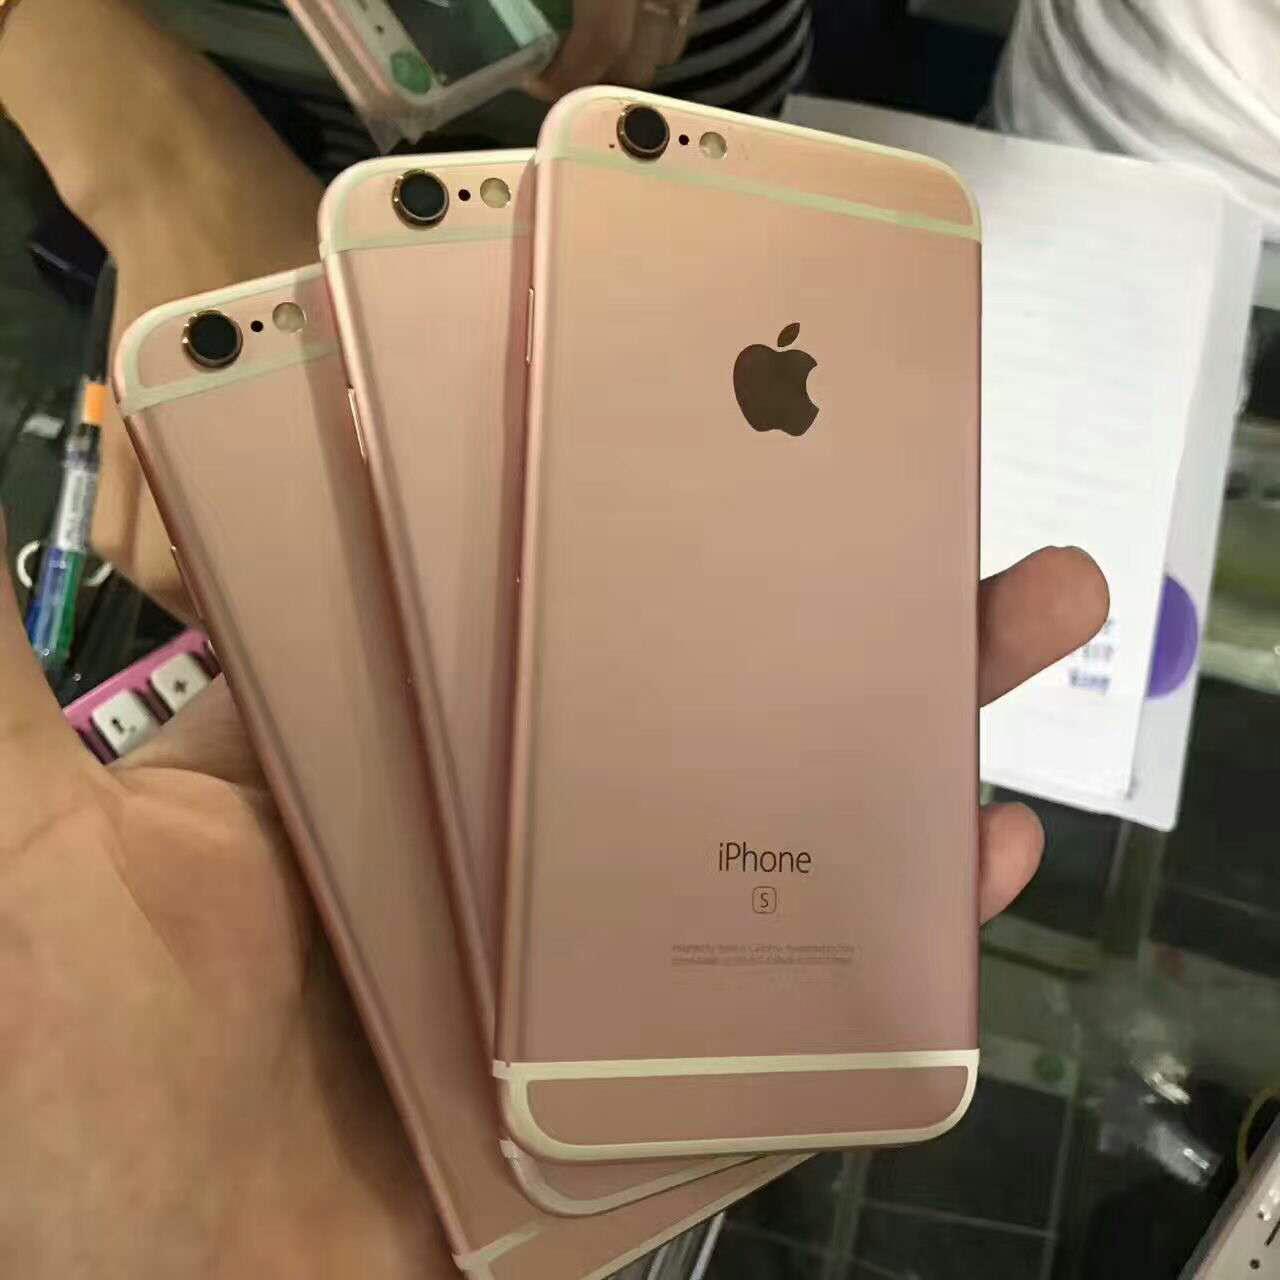 二手:Apple/苹果iPhone7 &iPhone7 Plus全网通4G 苹果7代原装正品二手机